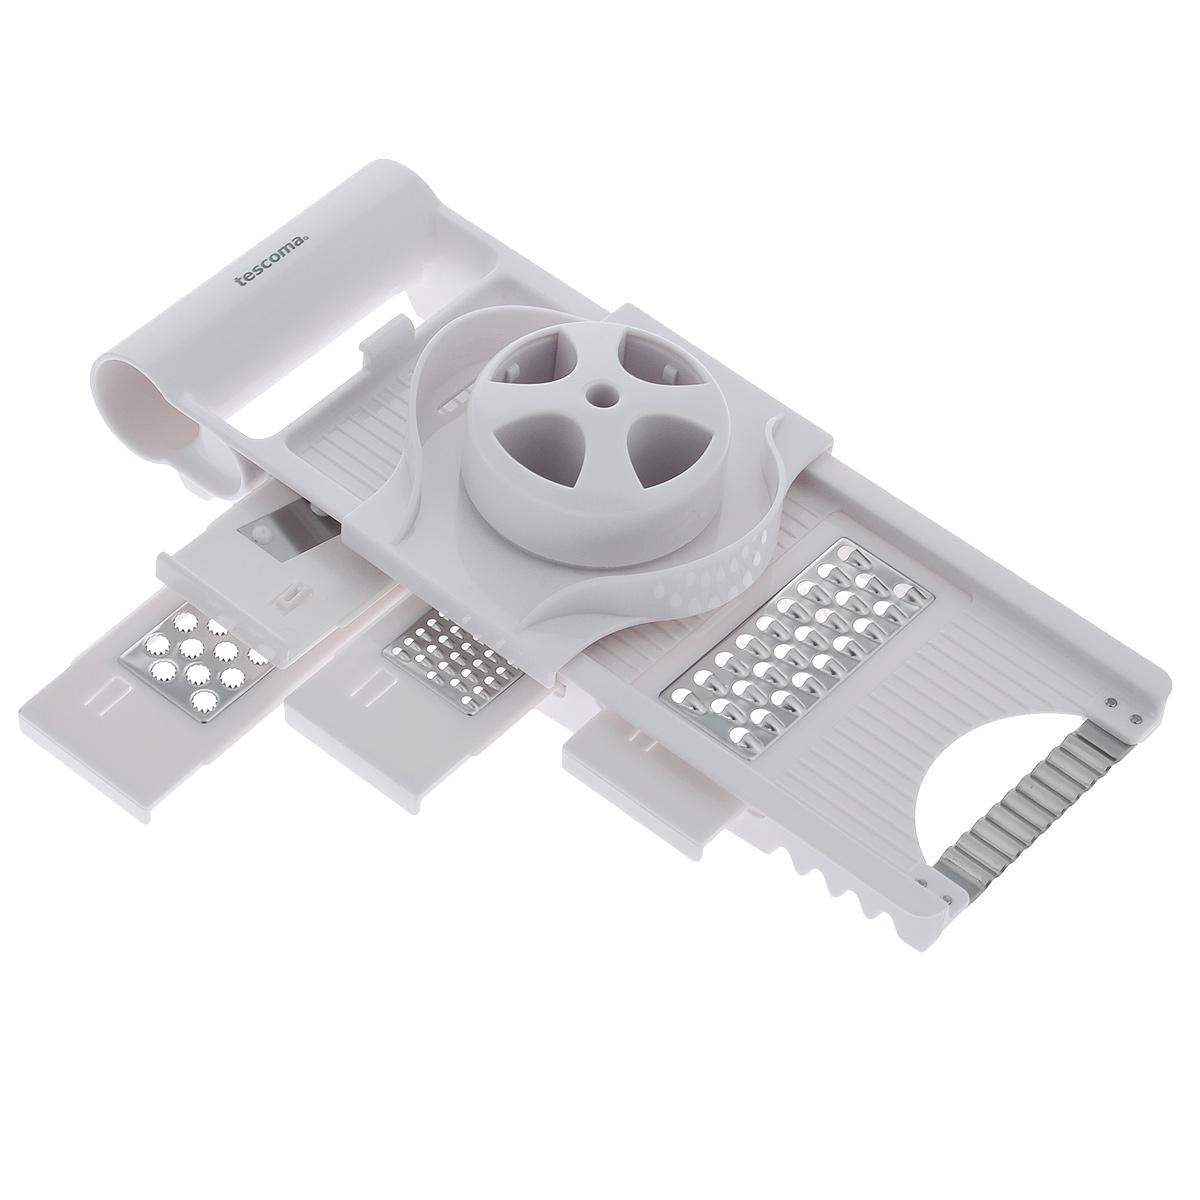 Терка многофункциональная Tescoma Handy115510Многофункциональная терка Tescoma Handy замечательна для нарезки на ломтики и измельчения продуктов. 4 сменных ножа и нож-волна изготовлены из первоклассной нержавеющей стали, остальные части из прочной пластмассы. Терка снабжена безопасным держателем для продуктов и массивной ручкой для удобного использования. С помощью такой терки вы сможете быстро нарезать или нашинковать картофель, перец, баклажаны, морковь, яблоки, приготовить салаты или детские овощные и фруктовые пюре.Каждая хозяйка оценит все преимущества этой терки. Очень практичный и современный дизайн делает изделие весьма простым в эксплуатации.